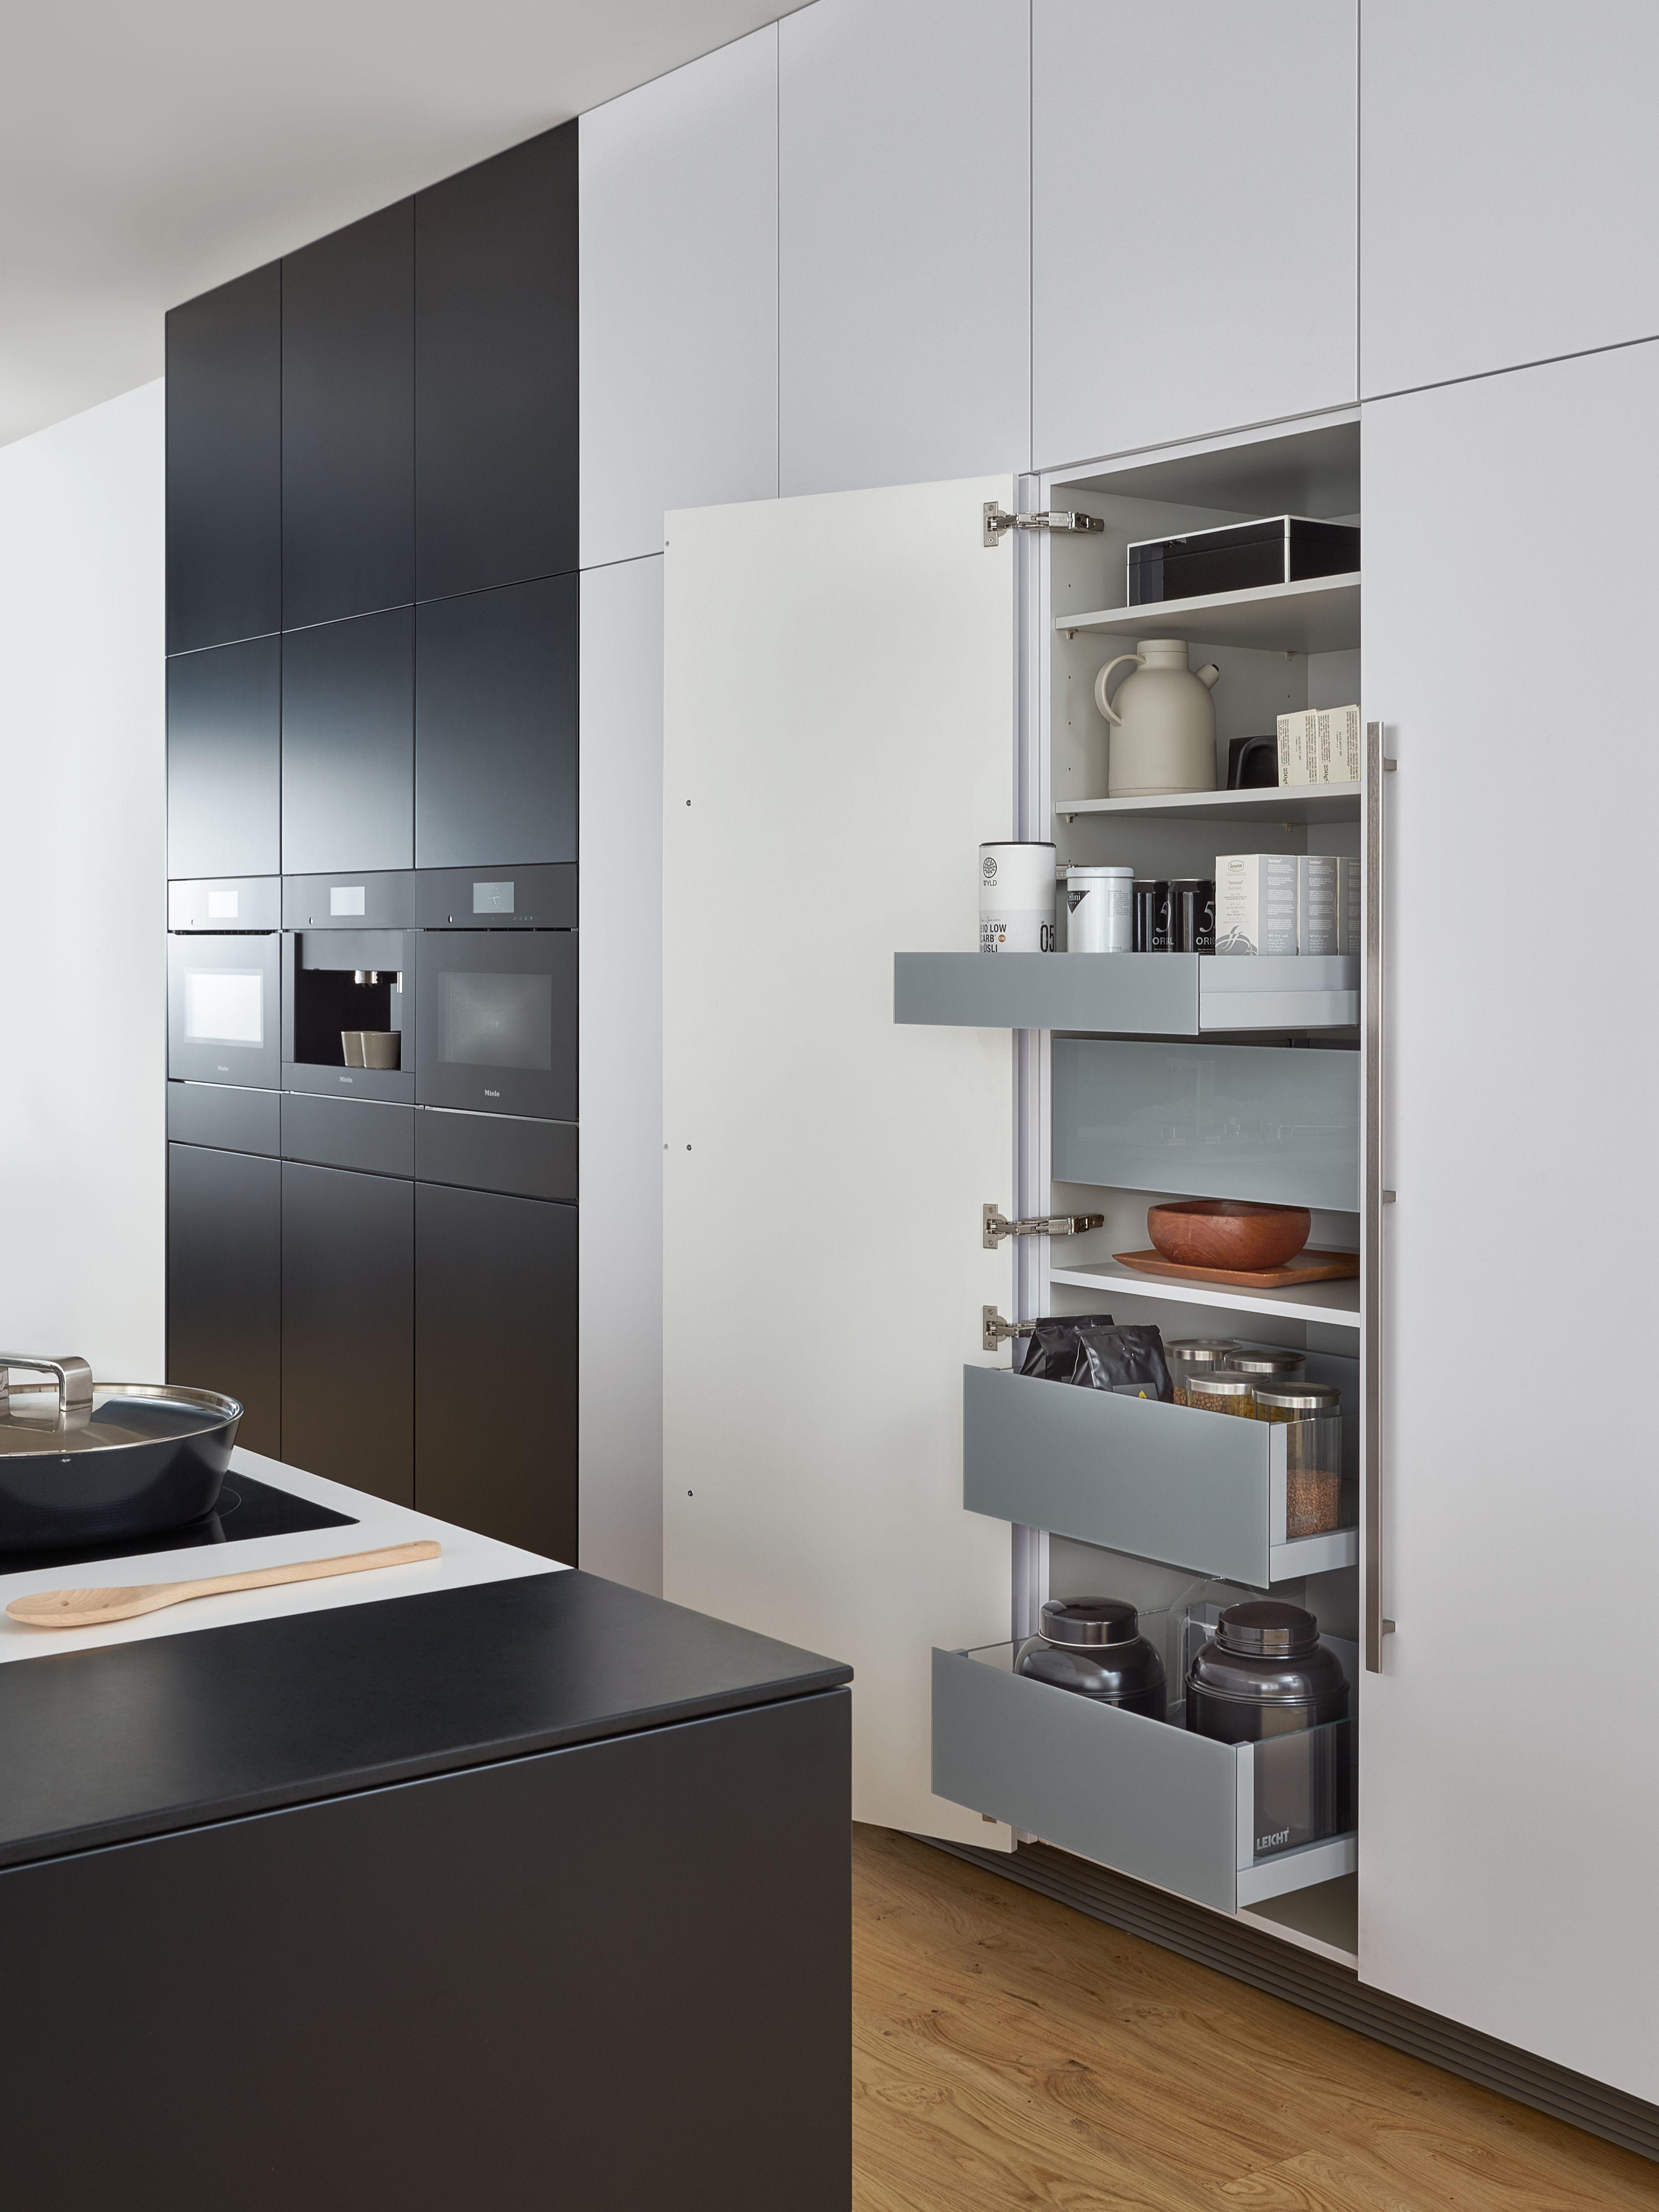 Schubladen für küchenschränke  Warum bei Küchenschränken auf die Qualität geachtet werden sollte ...